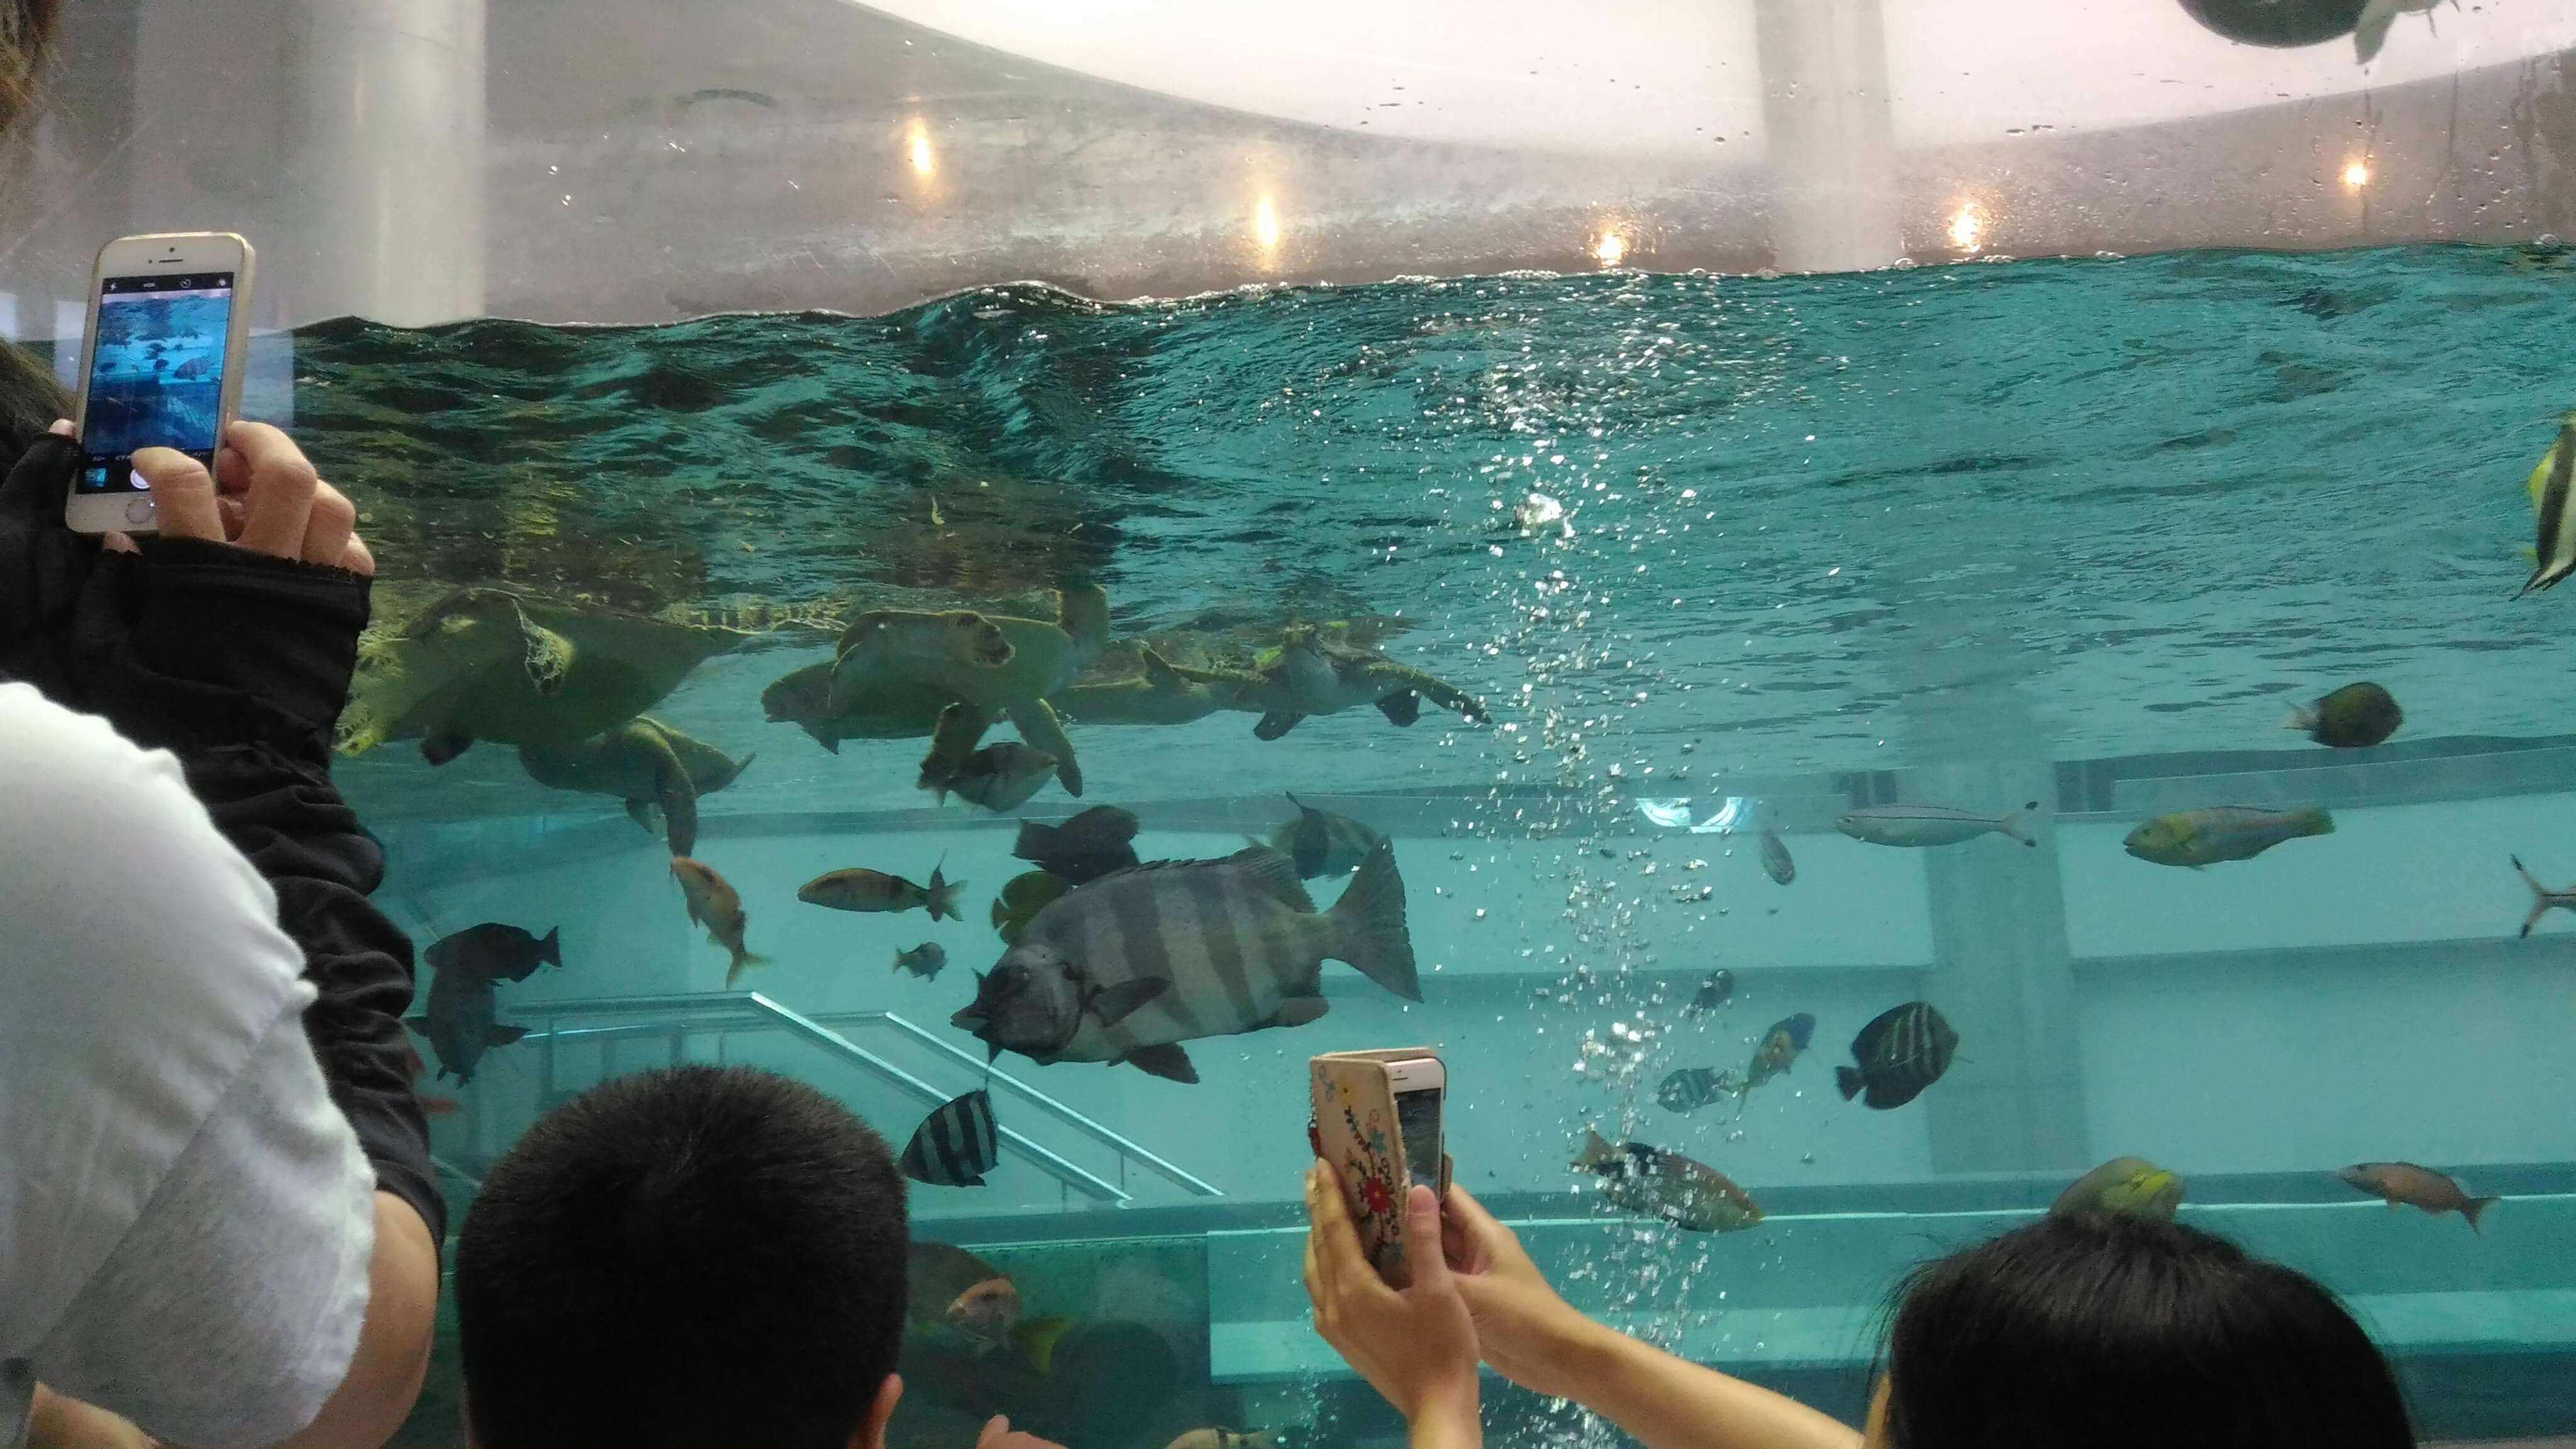 ウミガメや魚が泳ぐ水槽